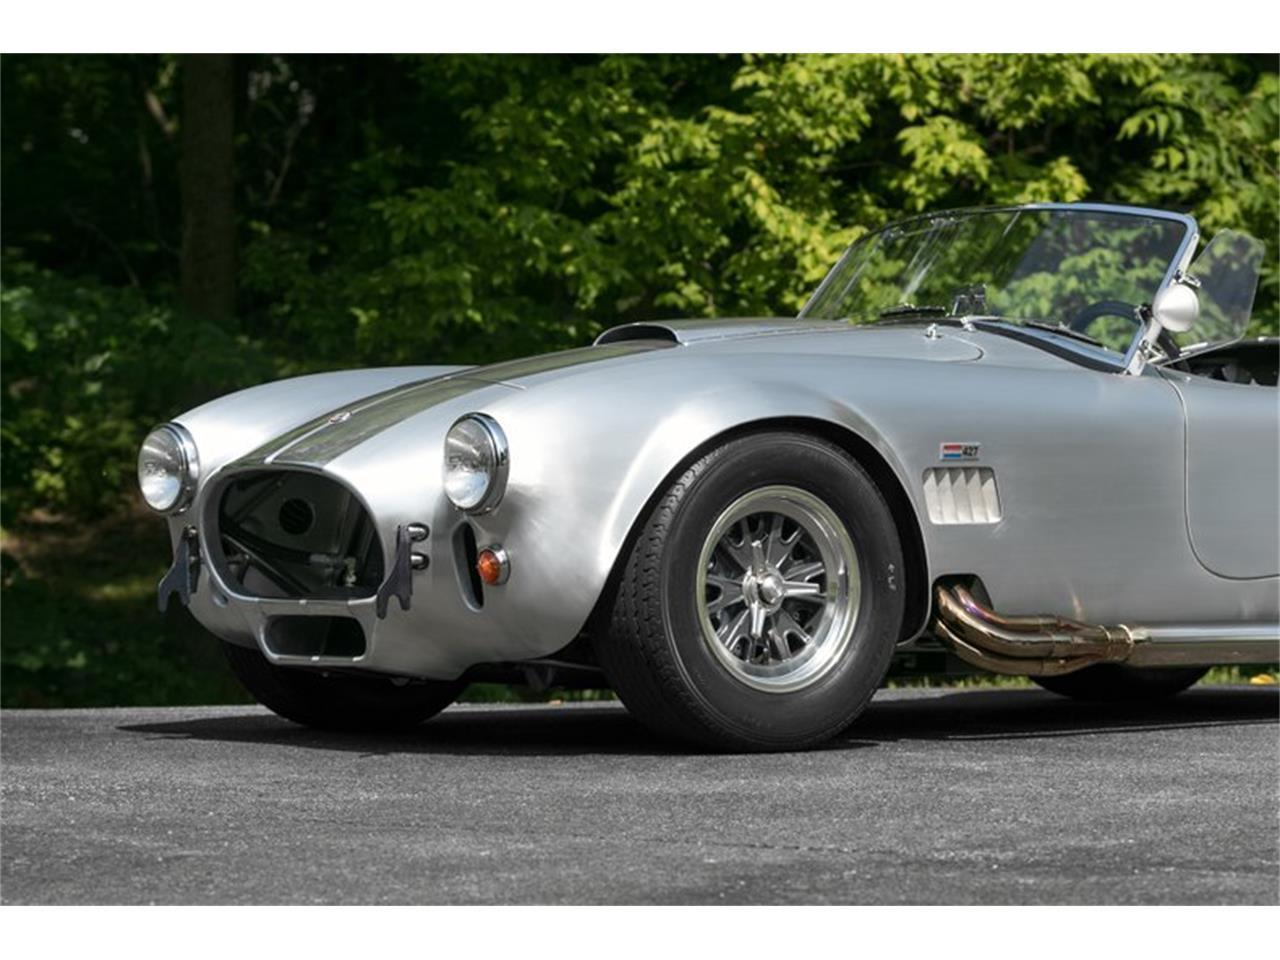 Large Picture of Classic 1965 Cobra located in Missouri - OAK6